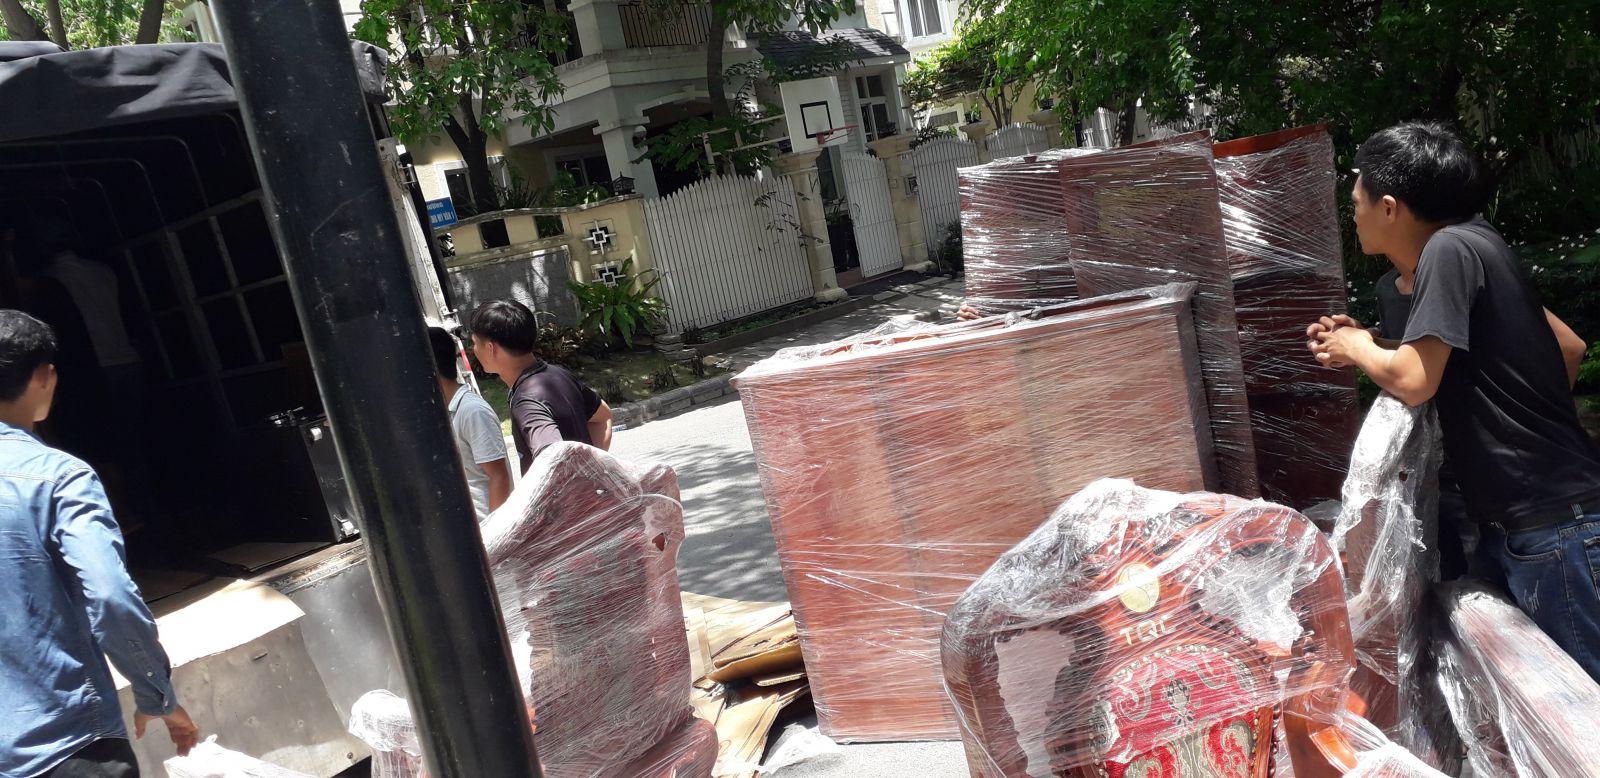 Dịch vụ chuyển nhà quận Tân Bình trọn gói giá rẻ, tiết kiệm thời gian